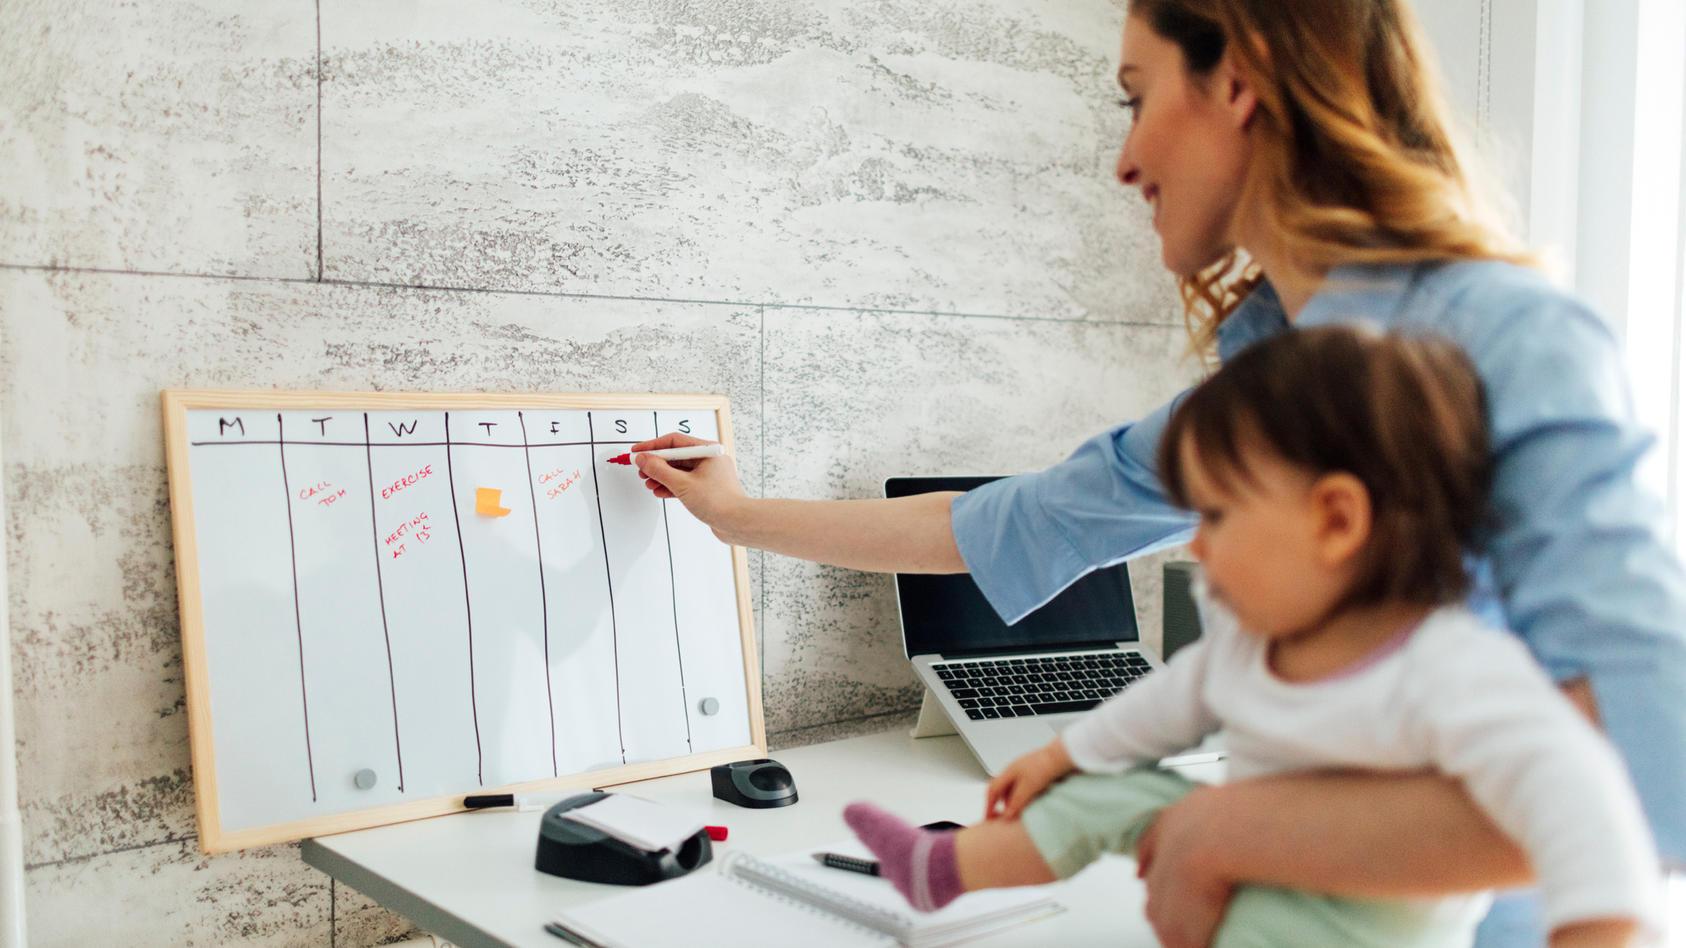 Im Alltag mit dem Baby ist Organisation gefragt: Ein Tagesplan kann helfen, Routinen zu etablieren und den Überblick zu behalten.